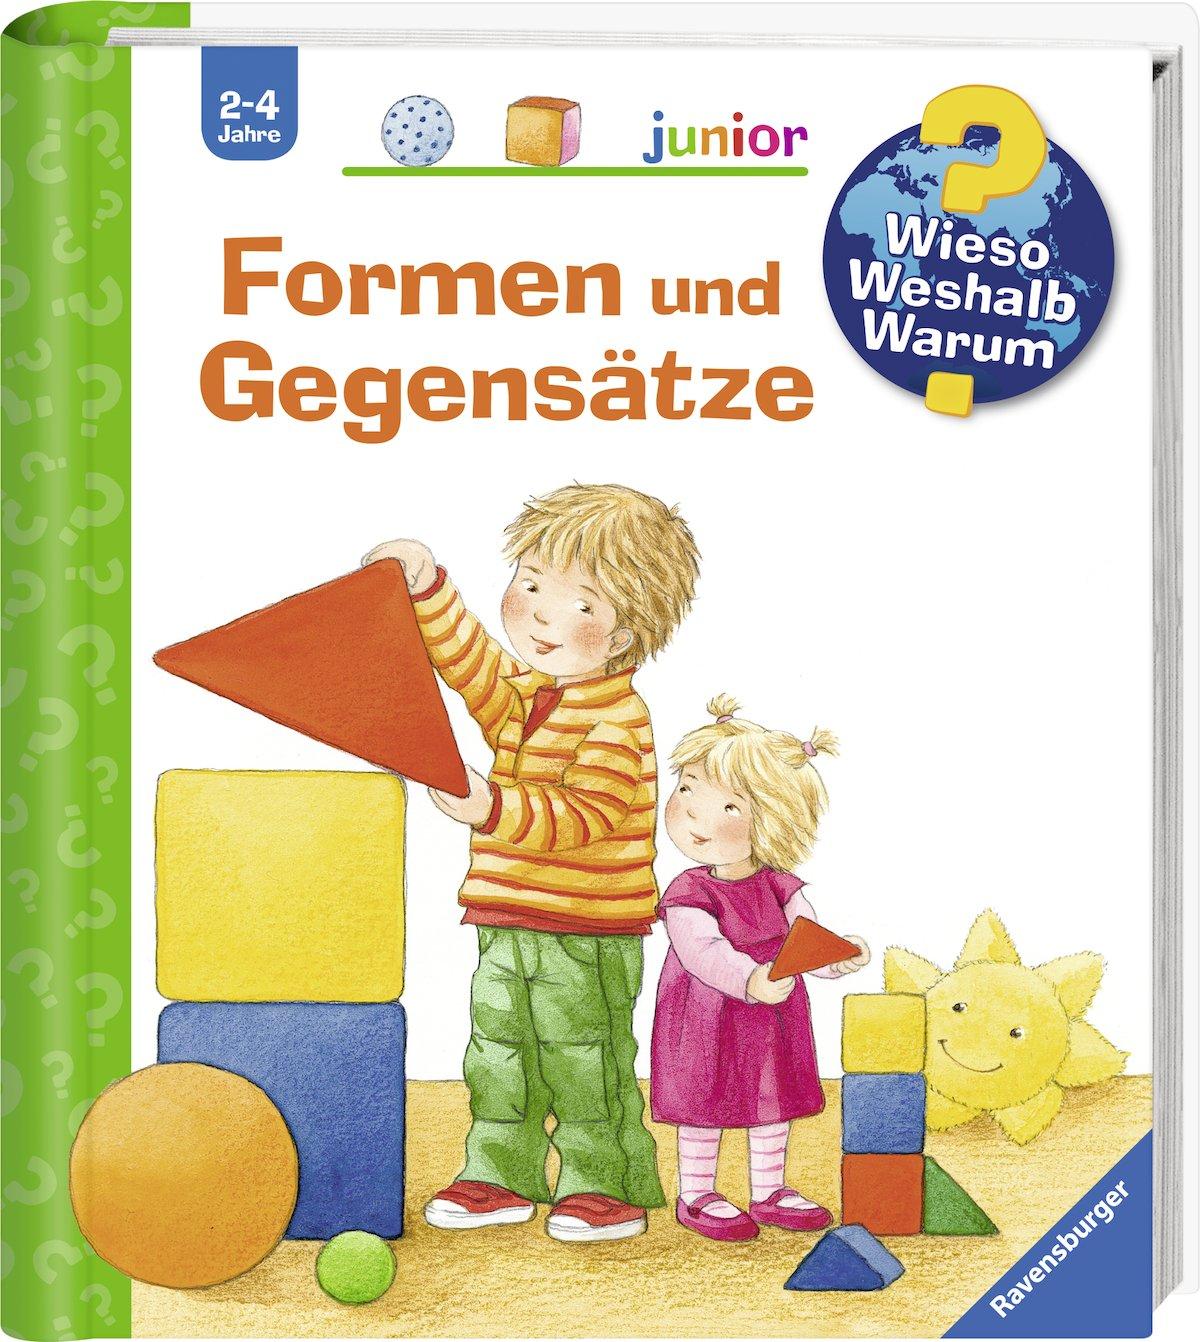 Formen und Gegensätze (Wieso? Weshalb? Warum? junior, Band 31) Gebundenes Buch – 1. Juni 2009 Andrea Erne Ursula Weller Ravensburger Buchverlag 3473328111